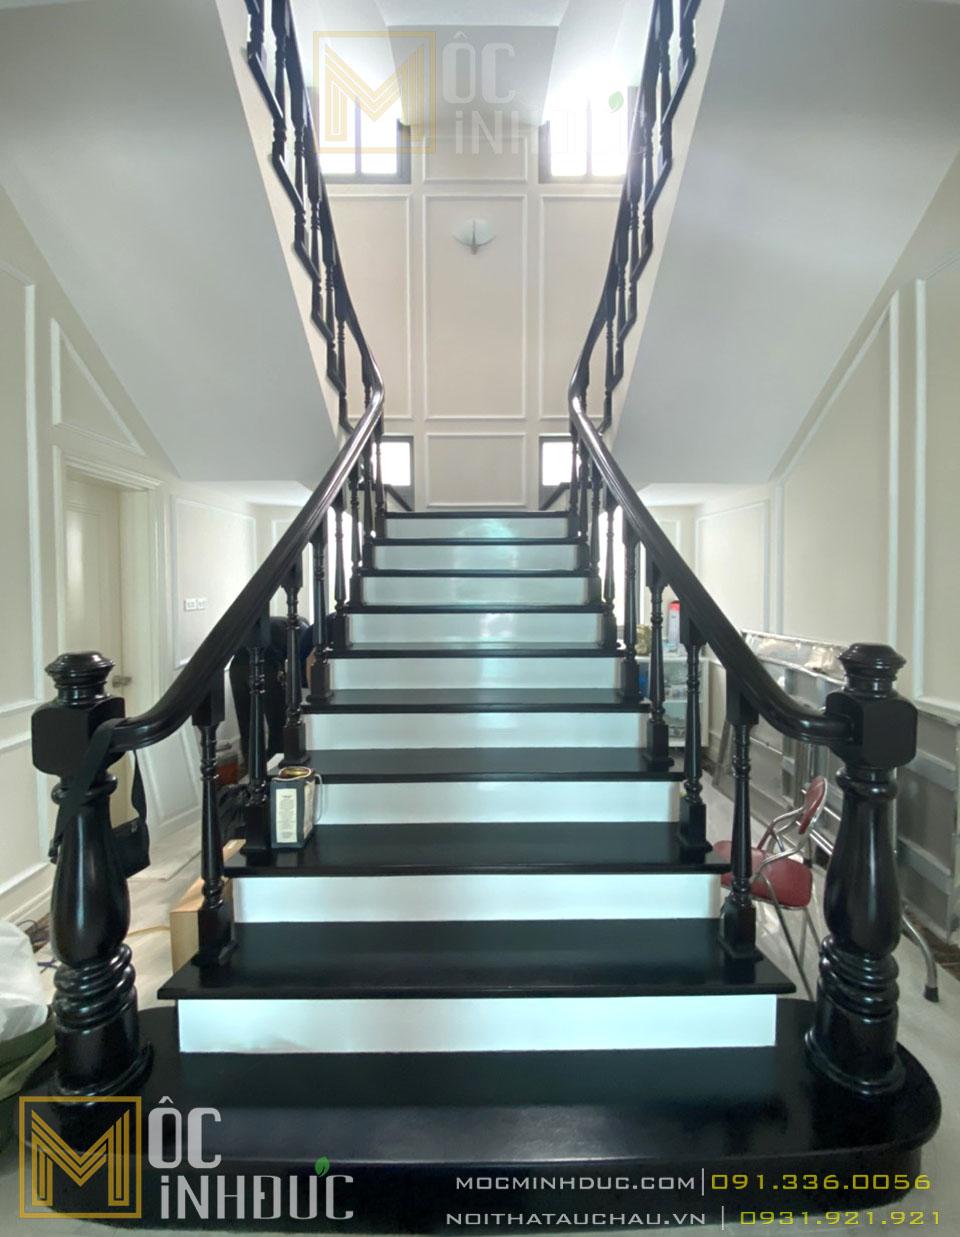 Thi công thiết kế nội thất cầu thang nhà biệt thự